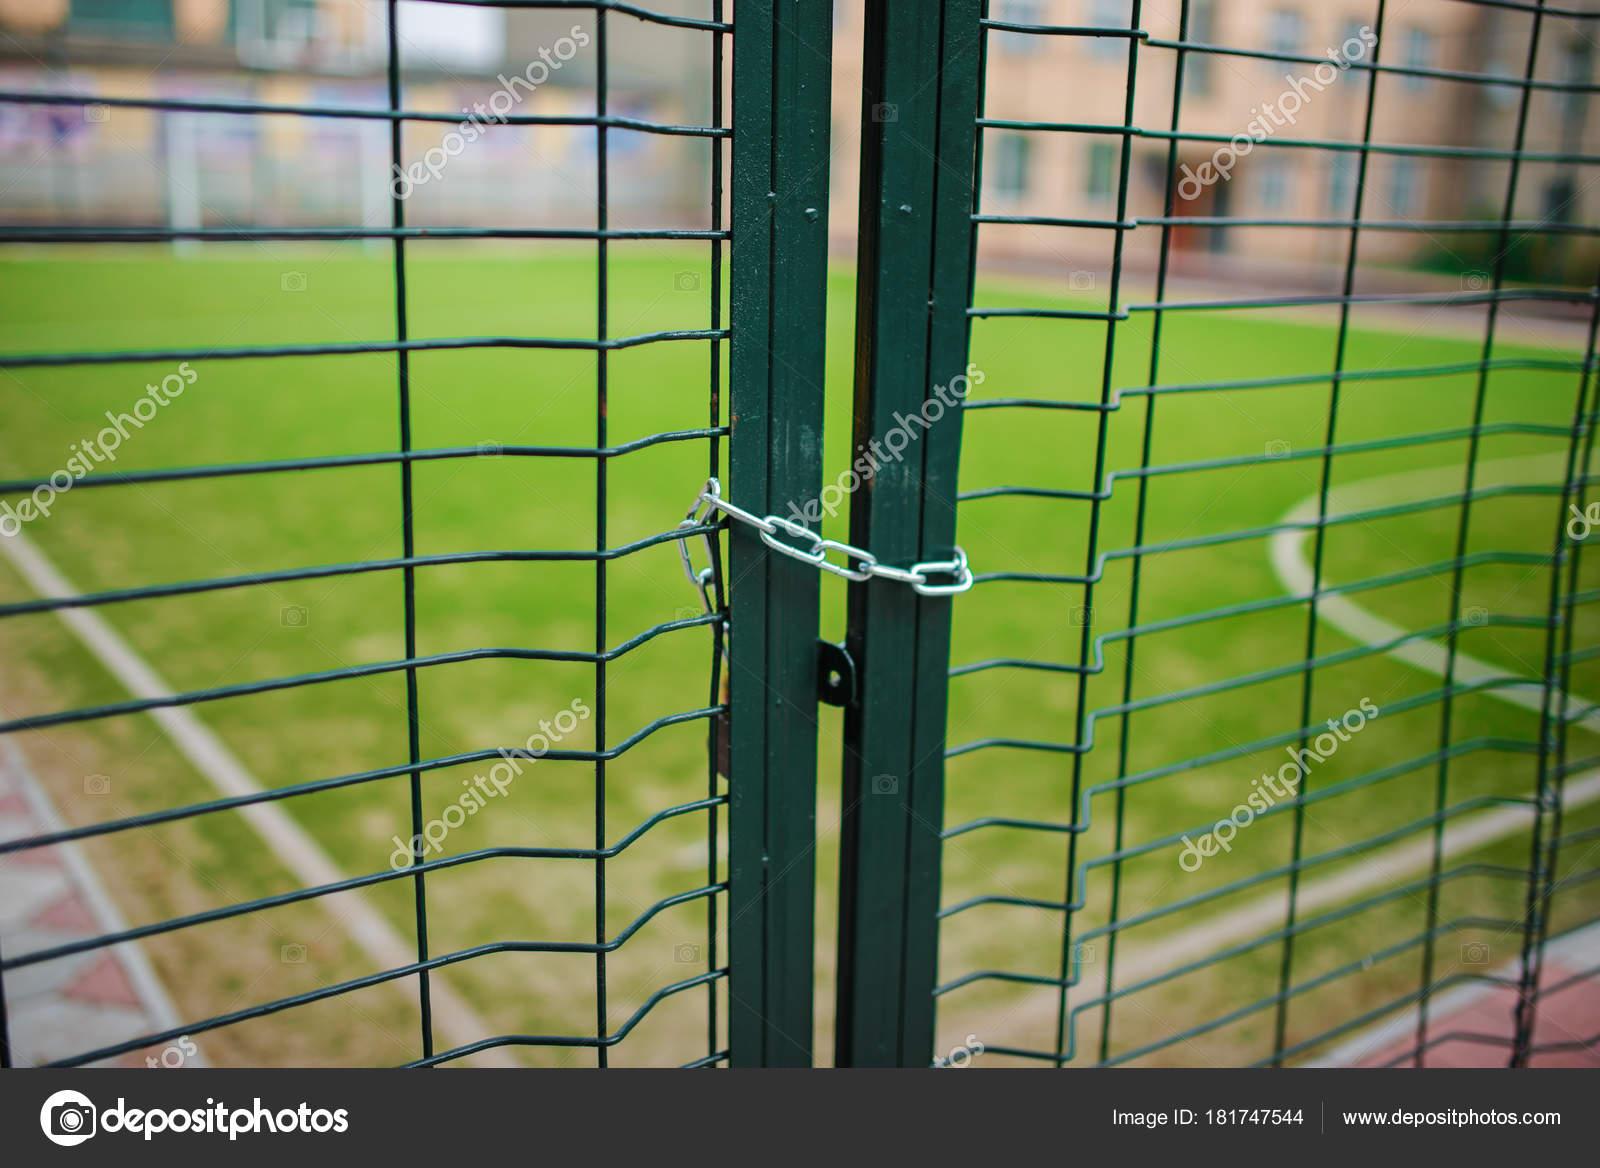 Metallischen Netz-förmigen grüner Zaun, der geschlossen und umhüllt ...